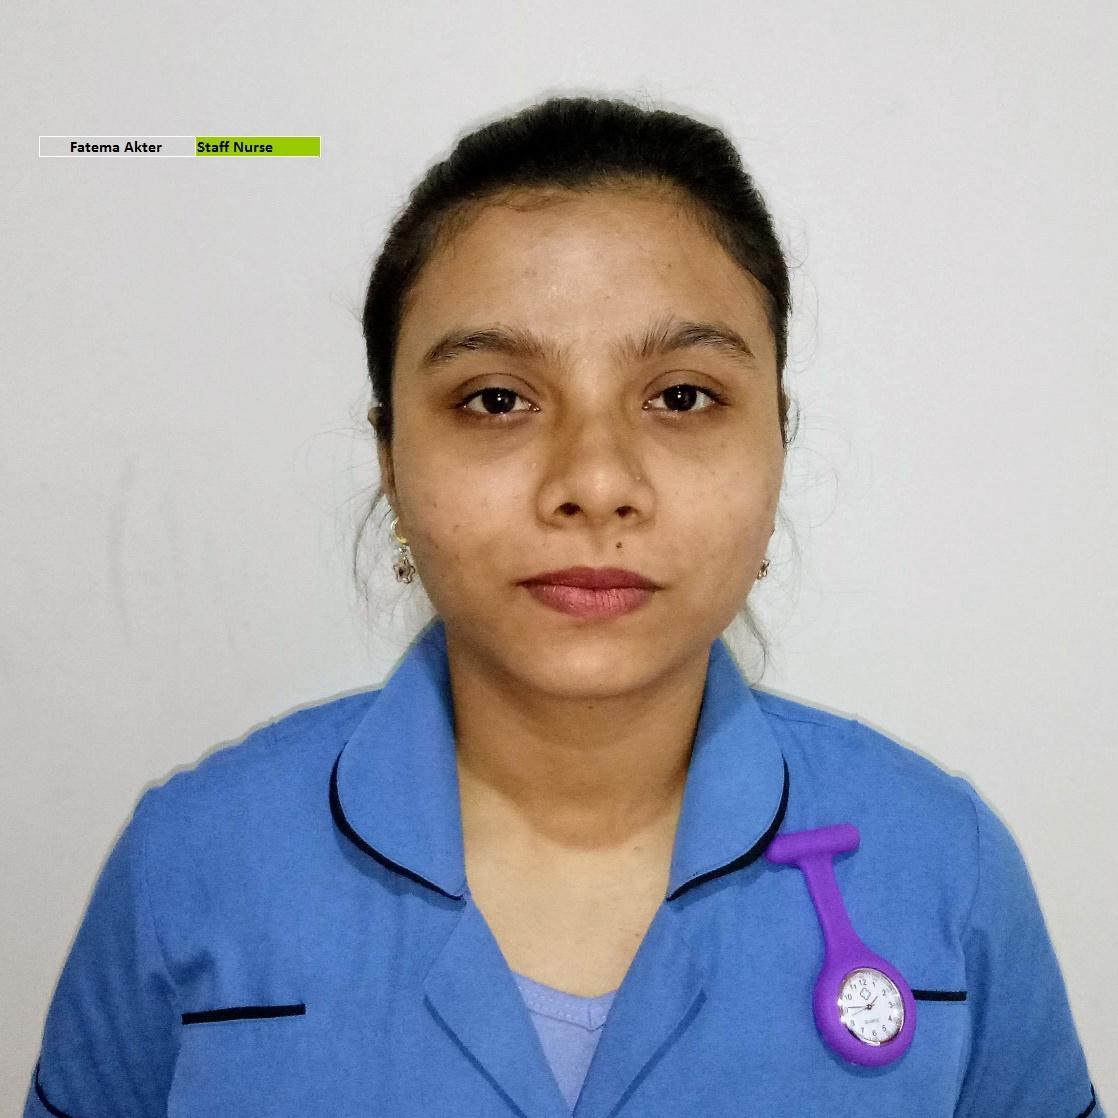 Fatema Aktar - Staff Nurse